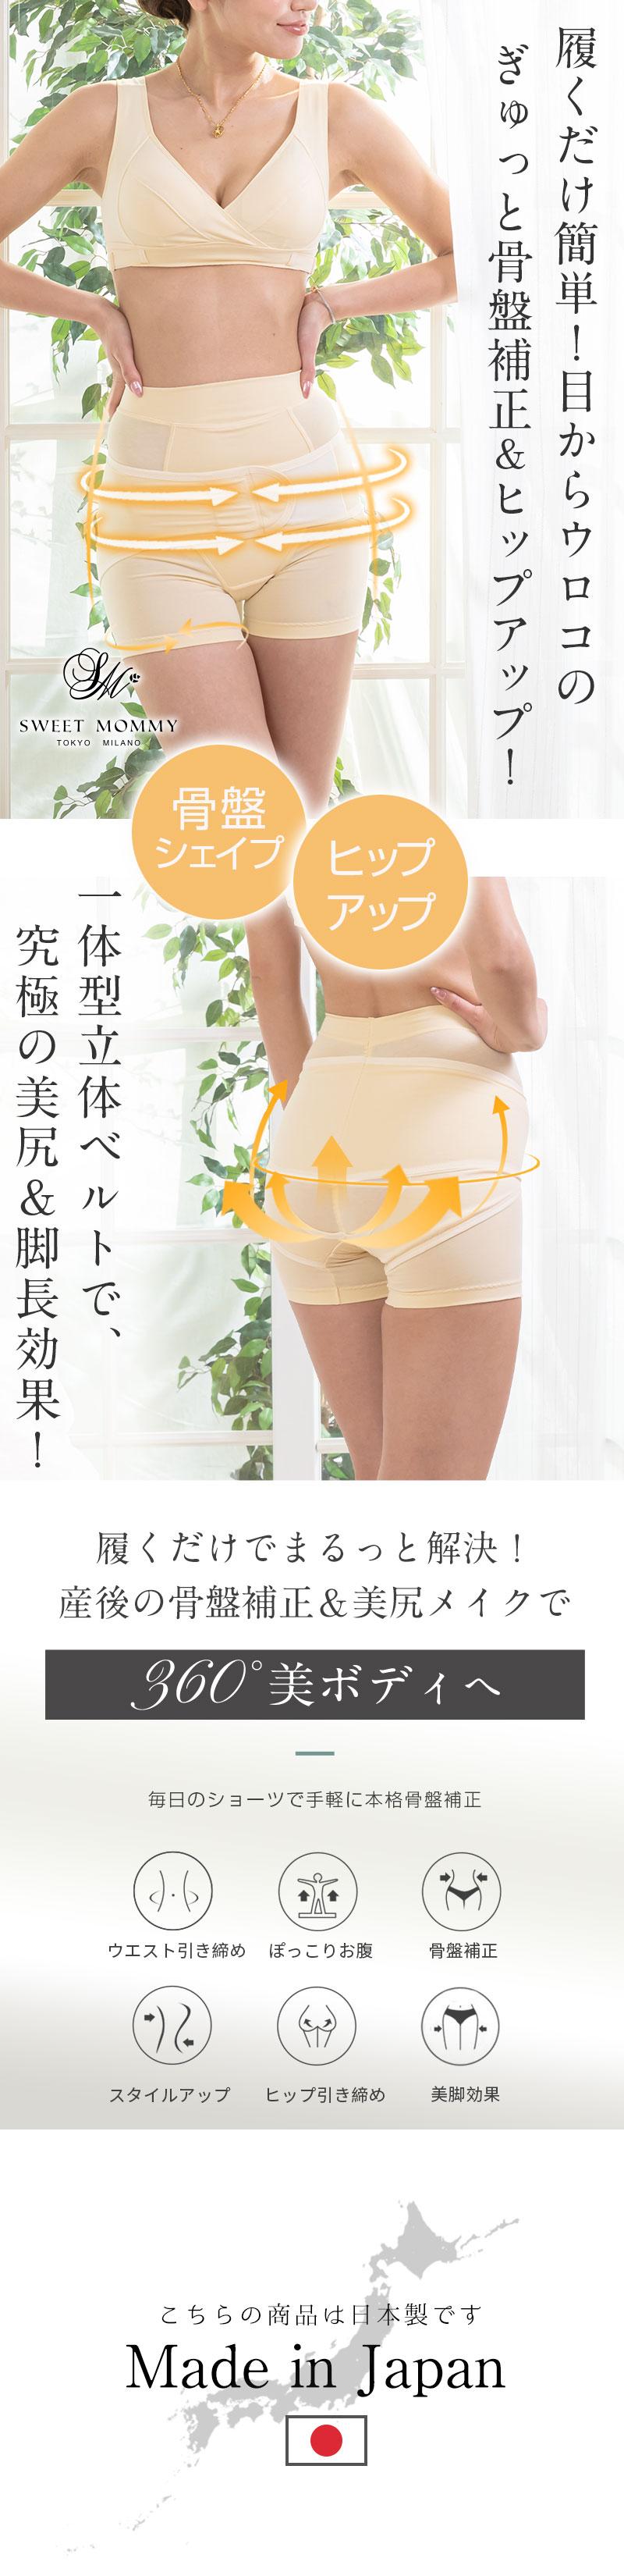 産後リフォーム 骨盤ベルト 履くだけ簡単 骨盤補正